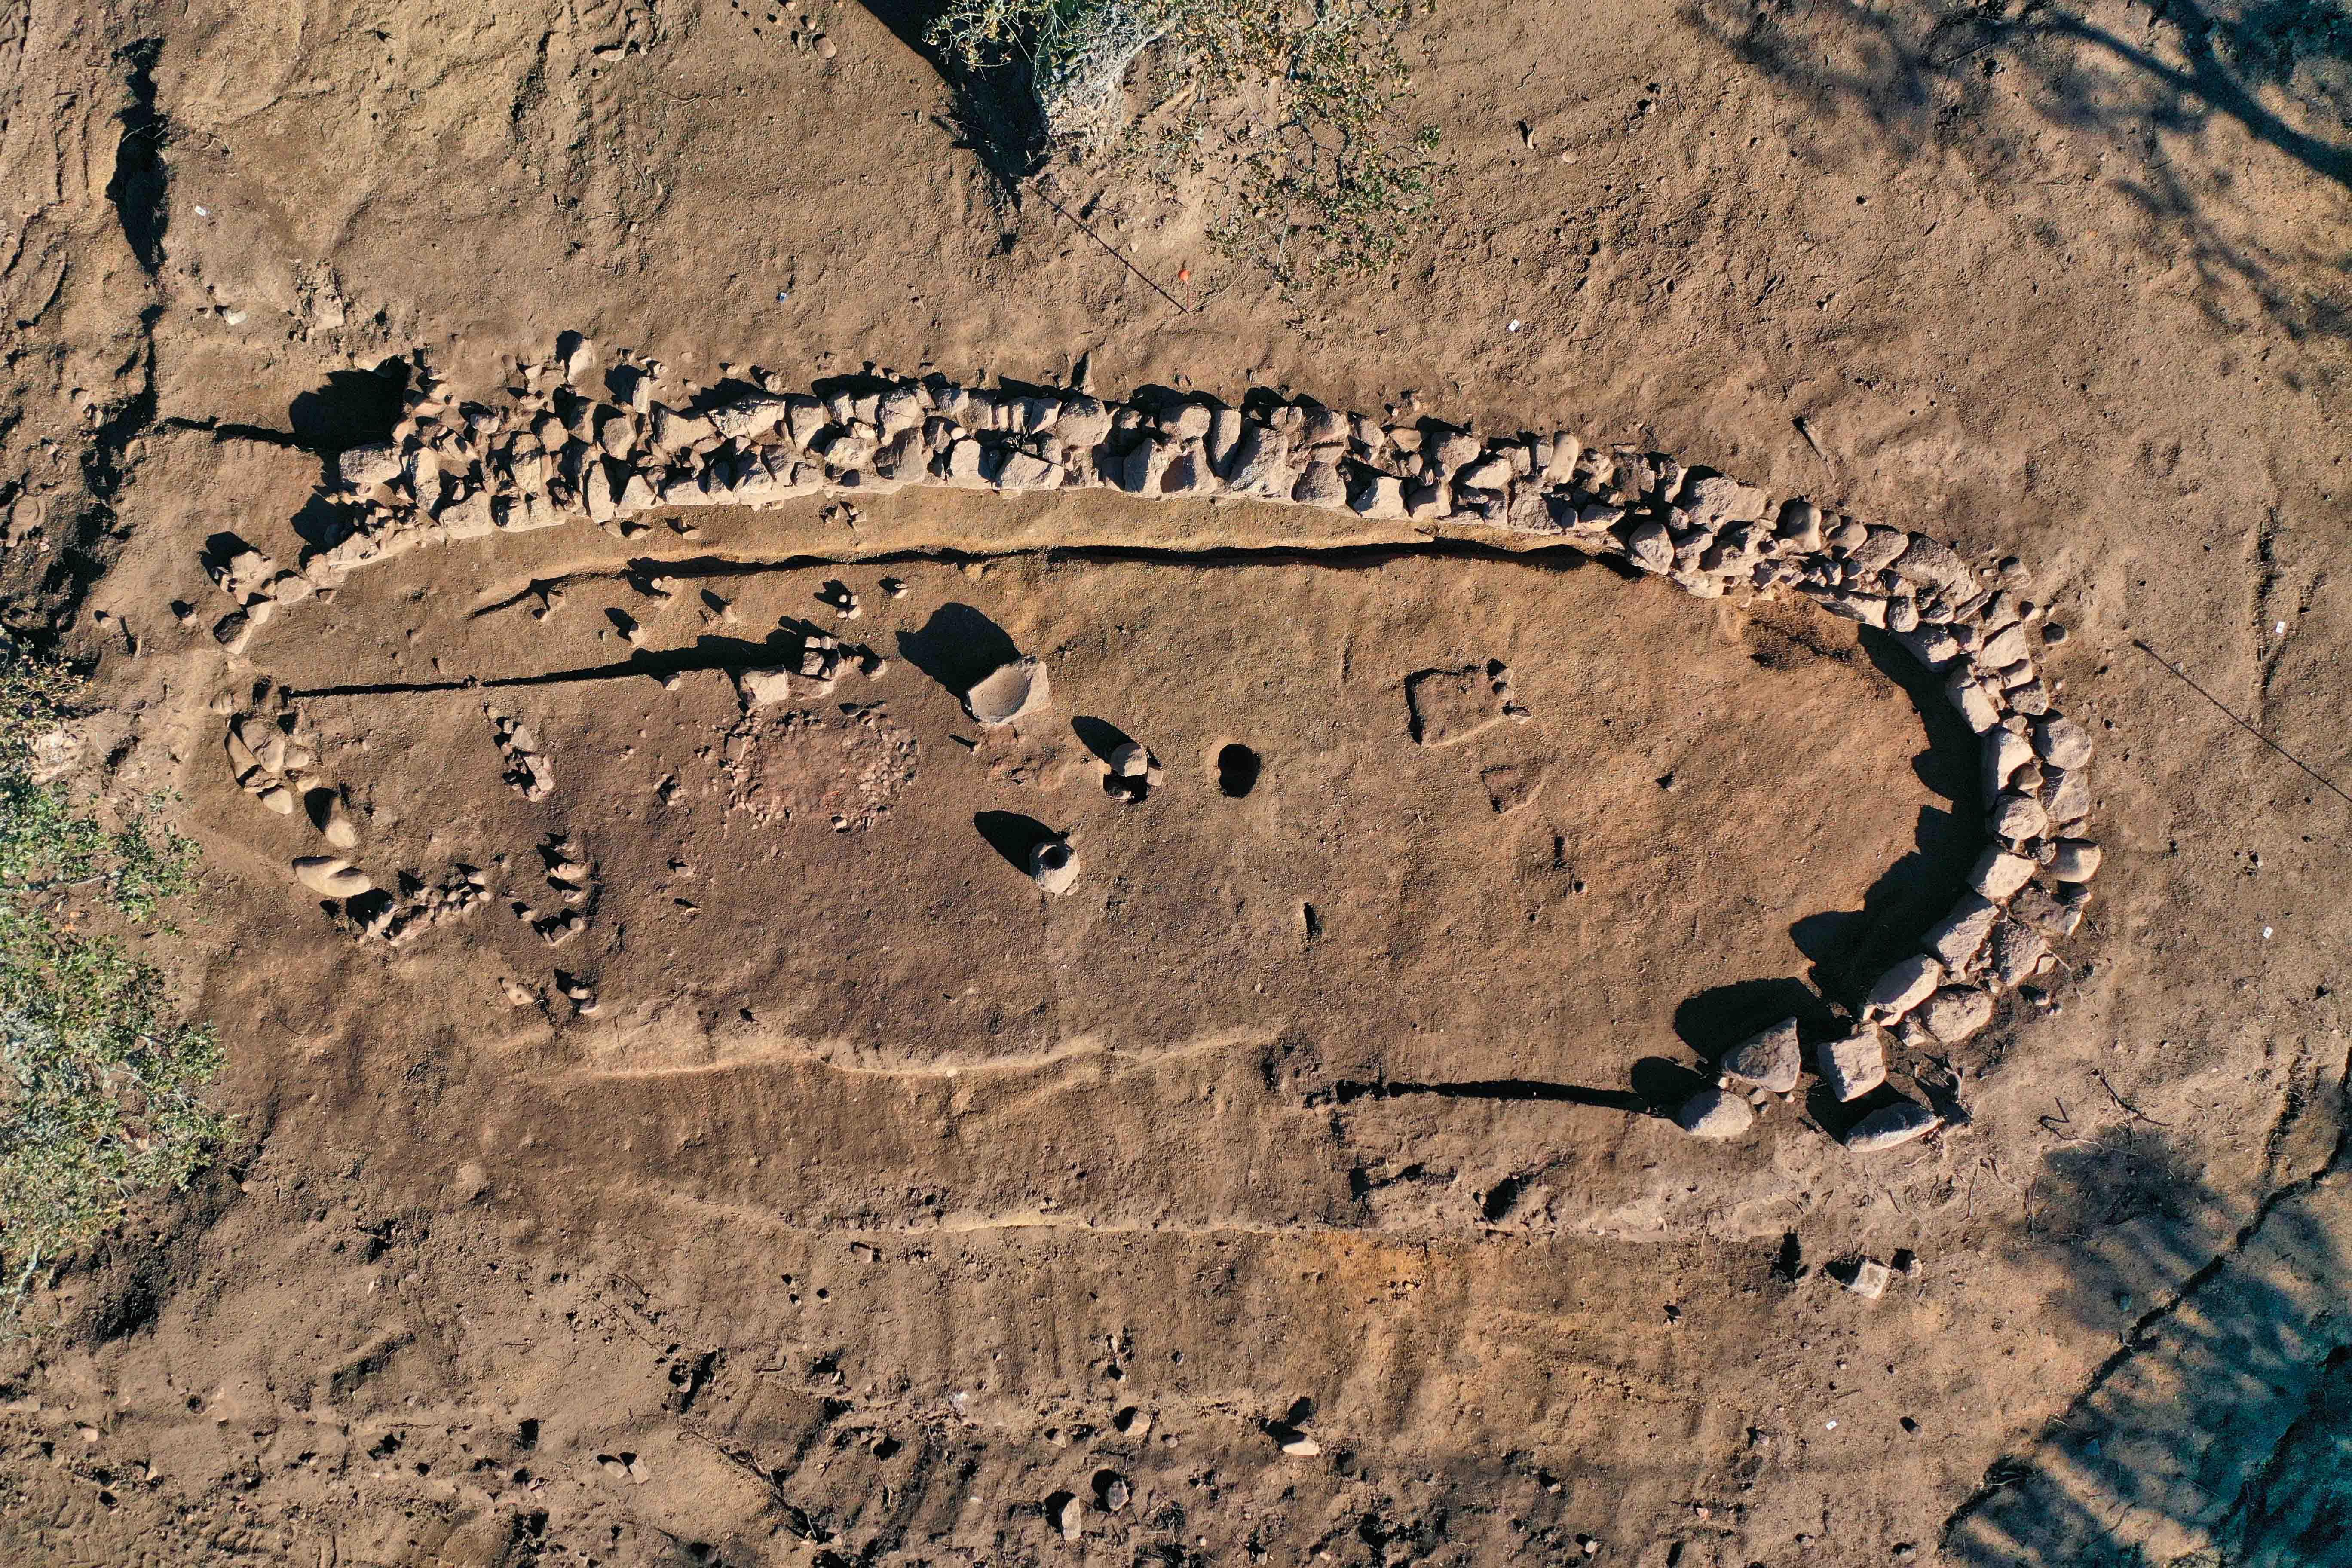 Habitat de l'âge du Bronze mis au jour et étudié par les archéologues de l'Inrap. Crédits Photo : P. Druelle, Inrap.